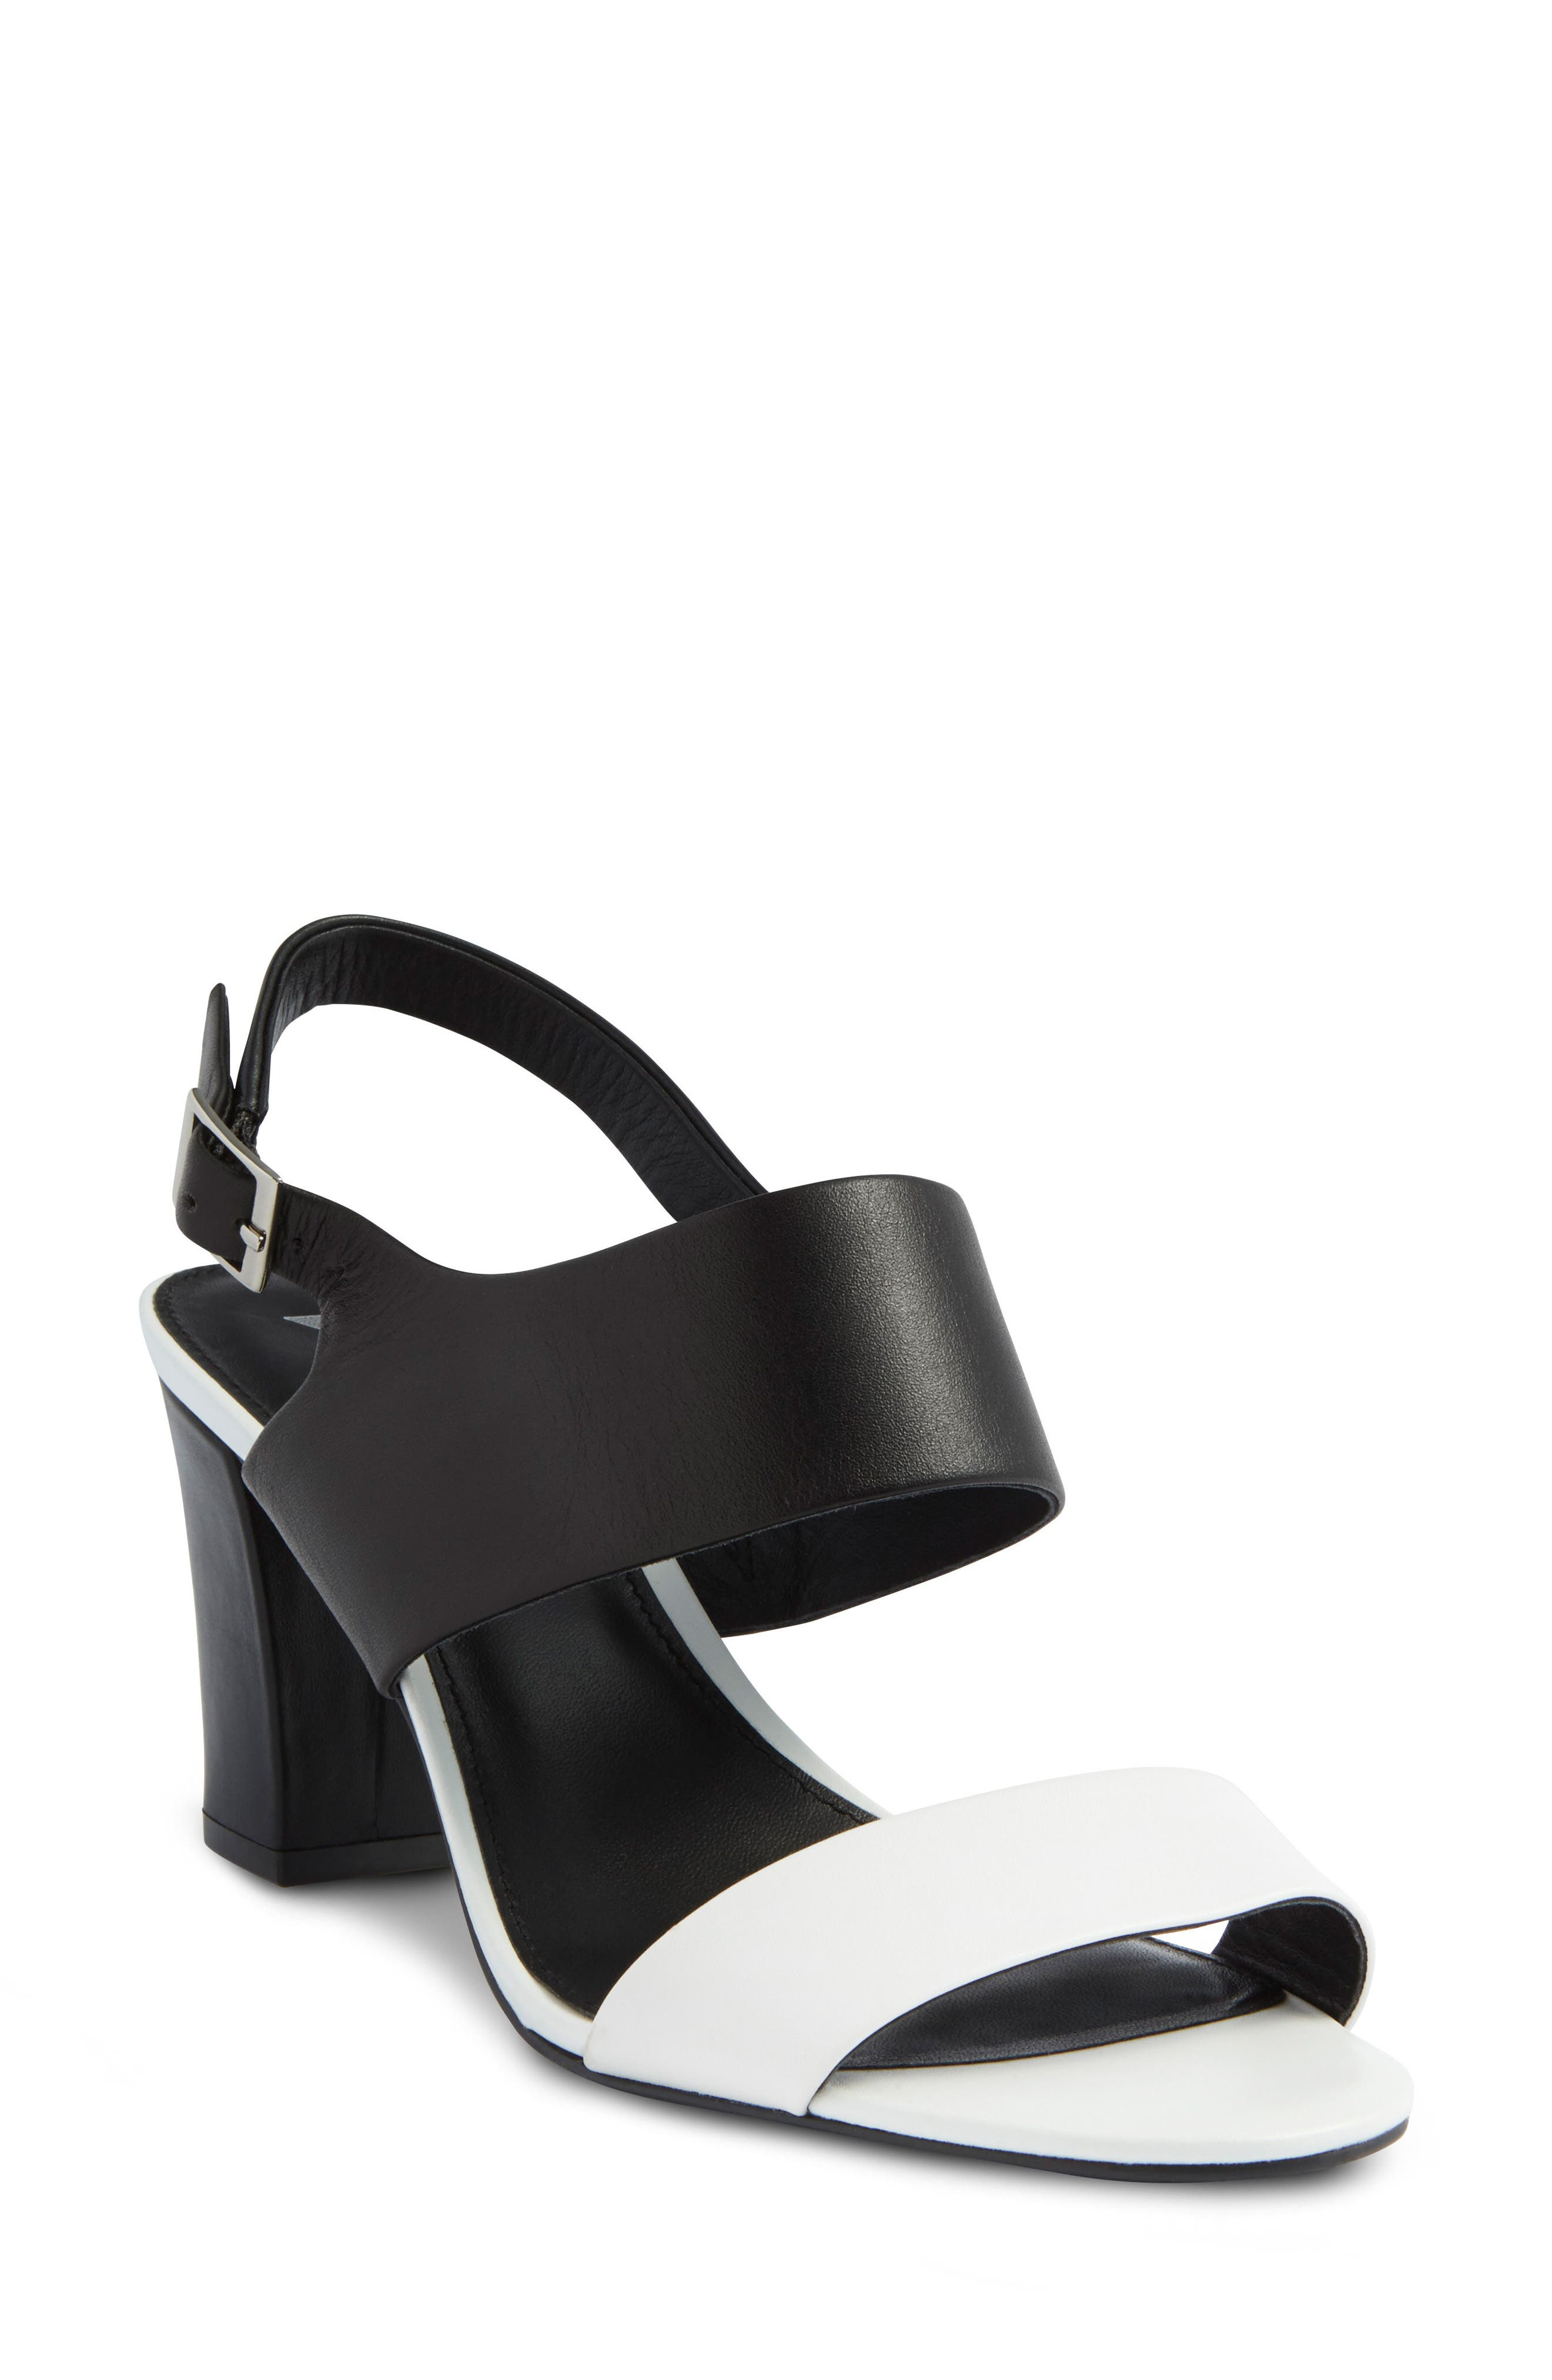 Shoes of Prey Strappy Sandal (Women)